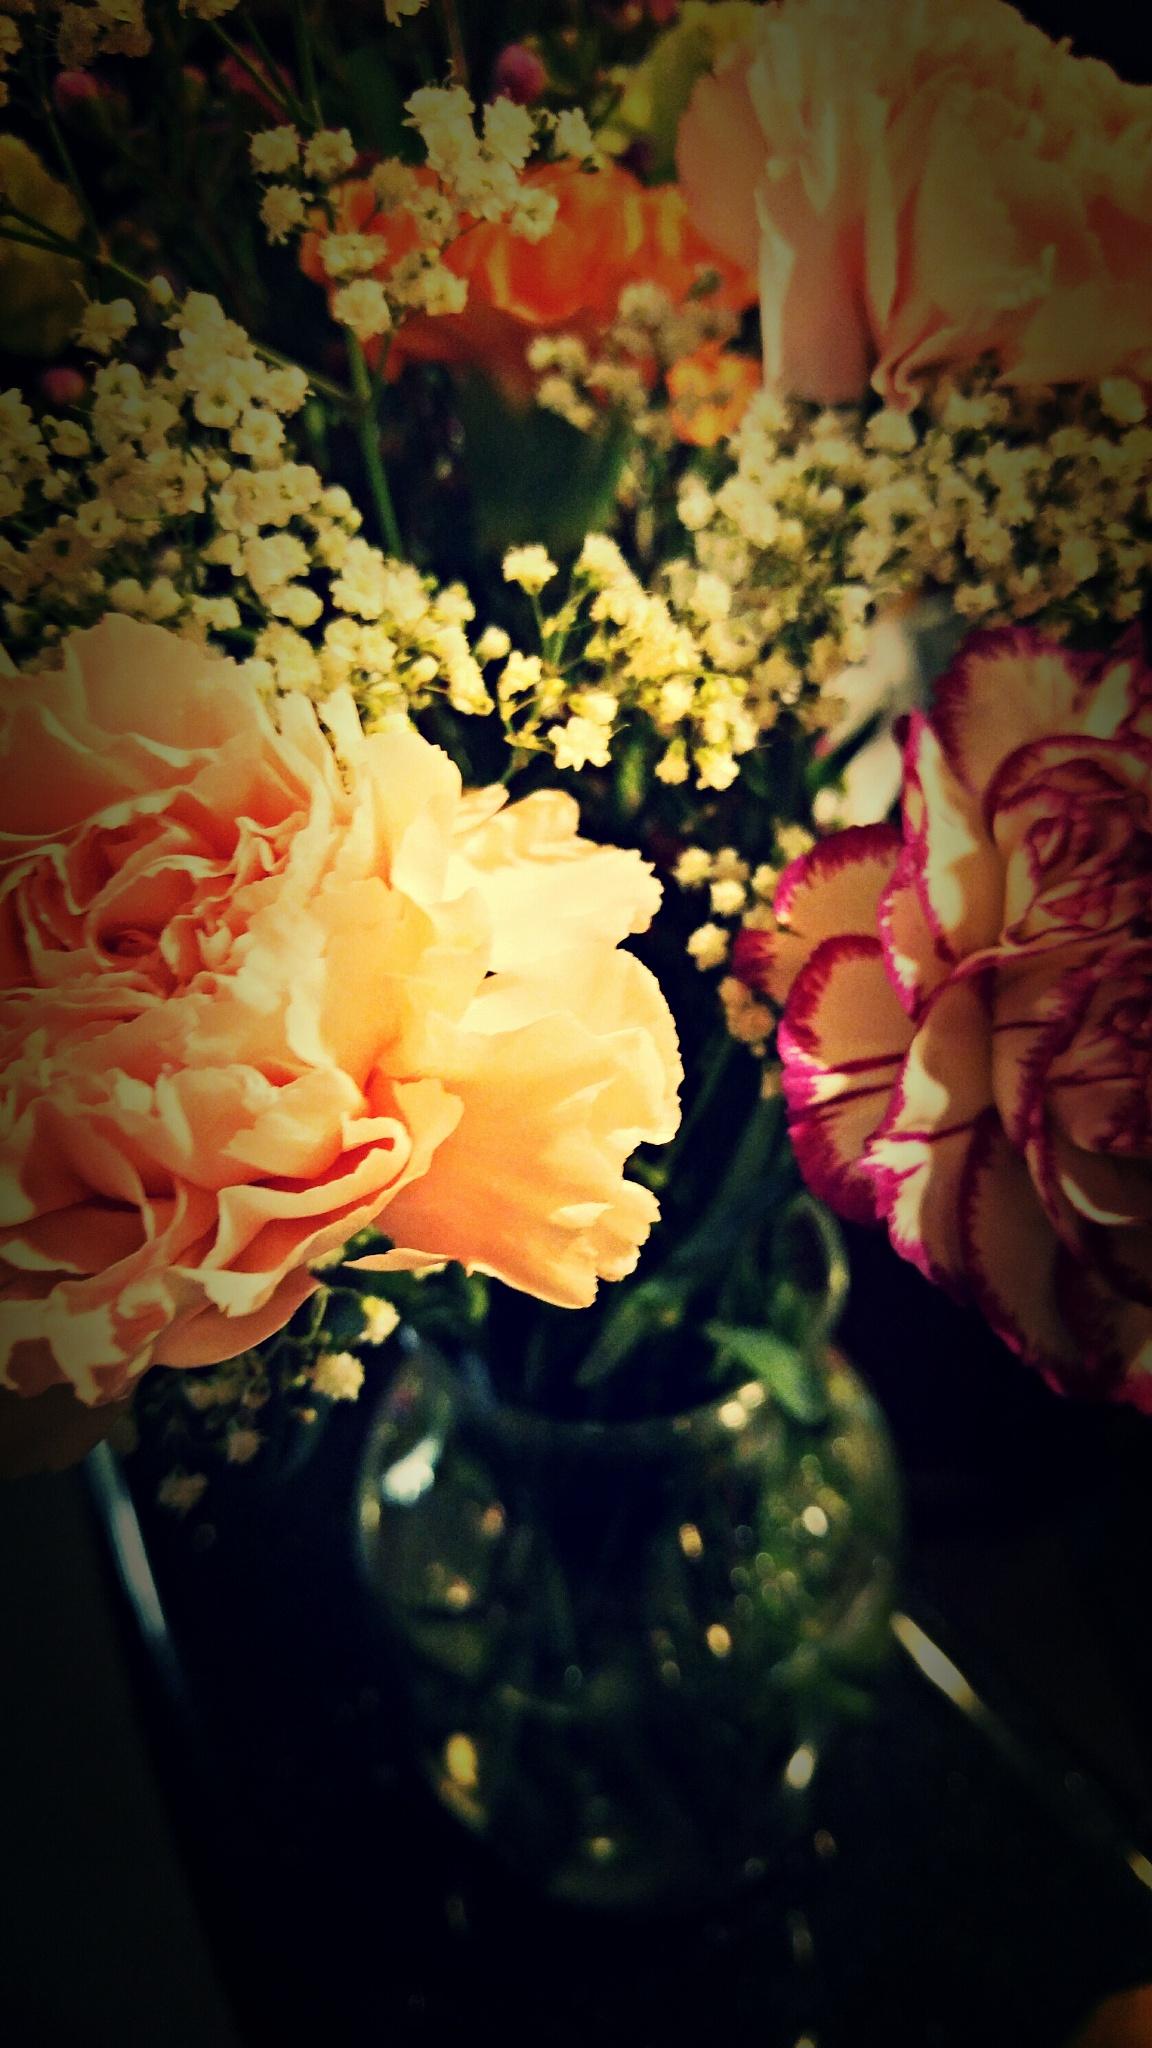 Flowers by Chade Woodard